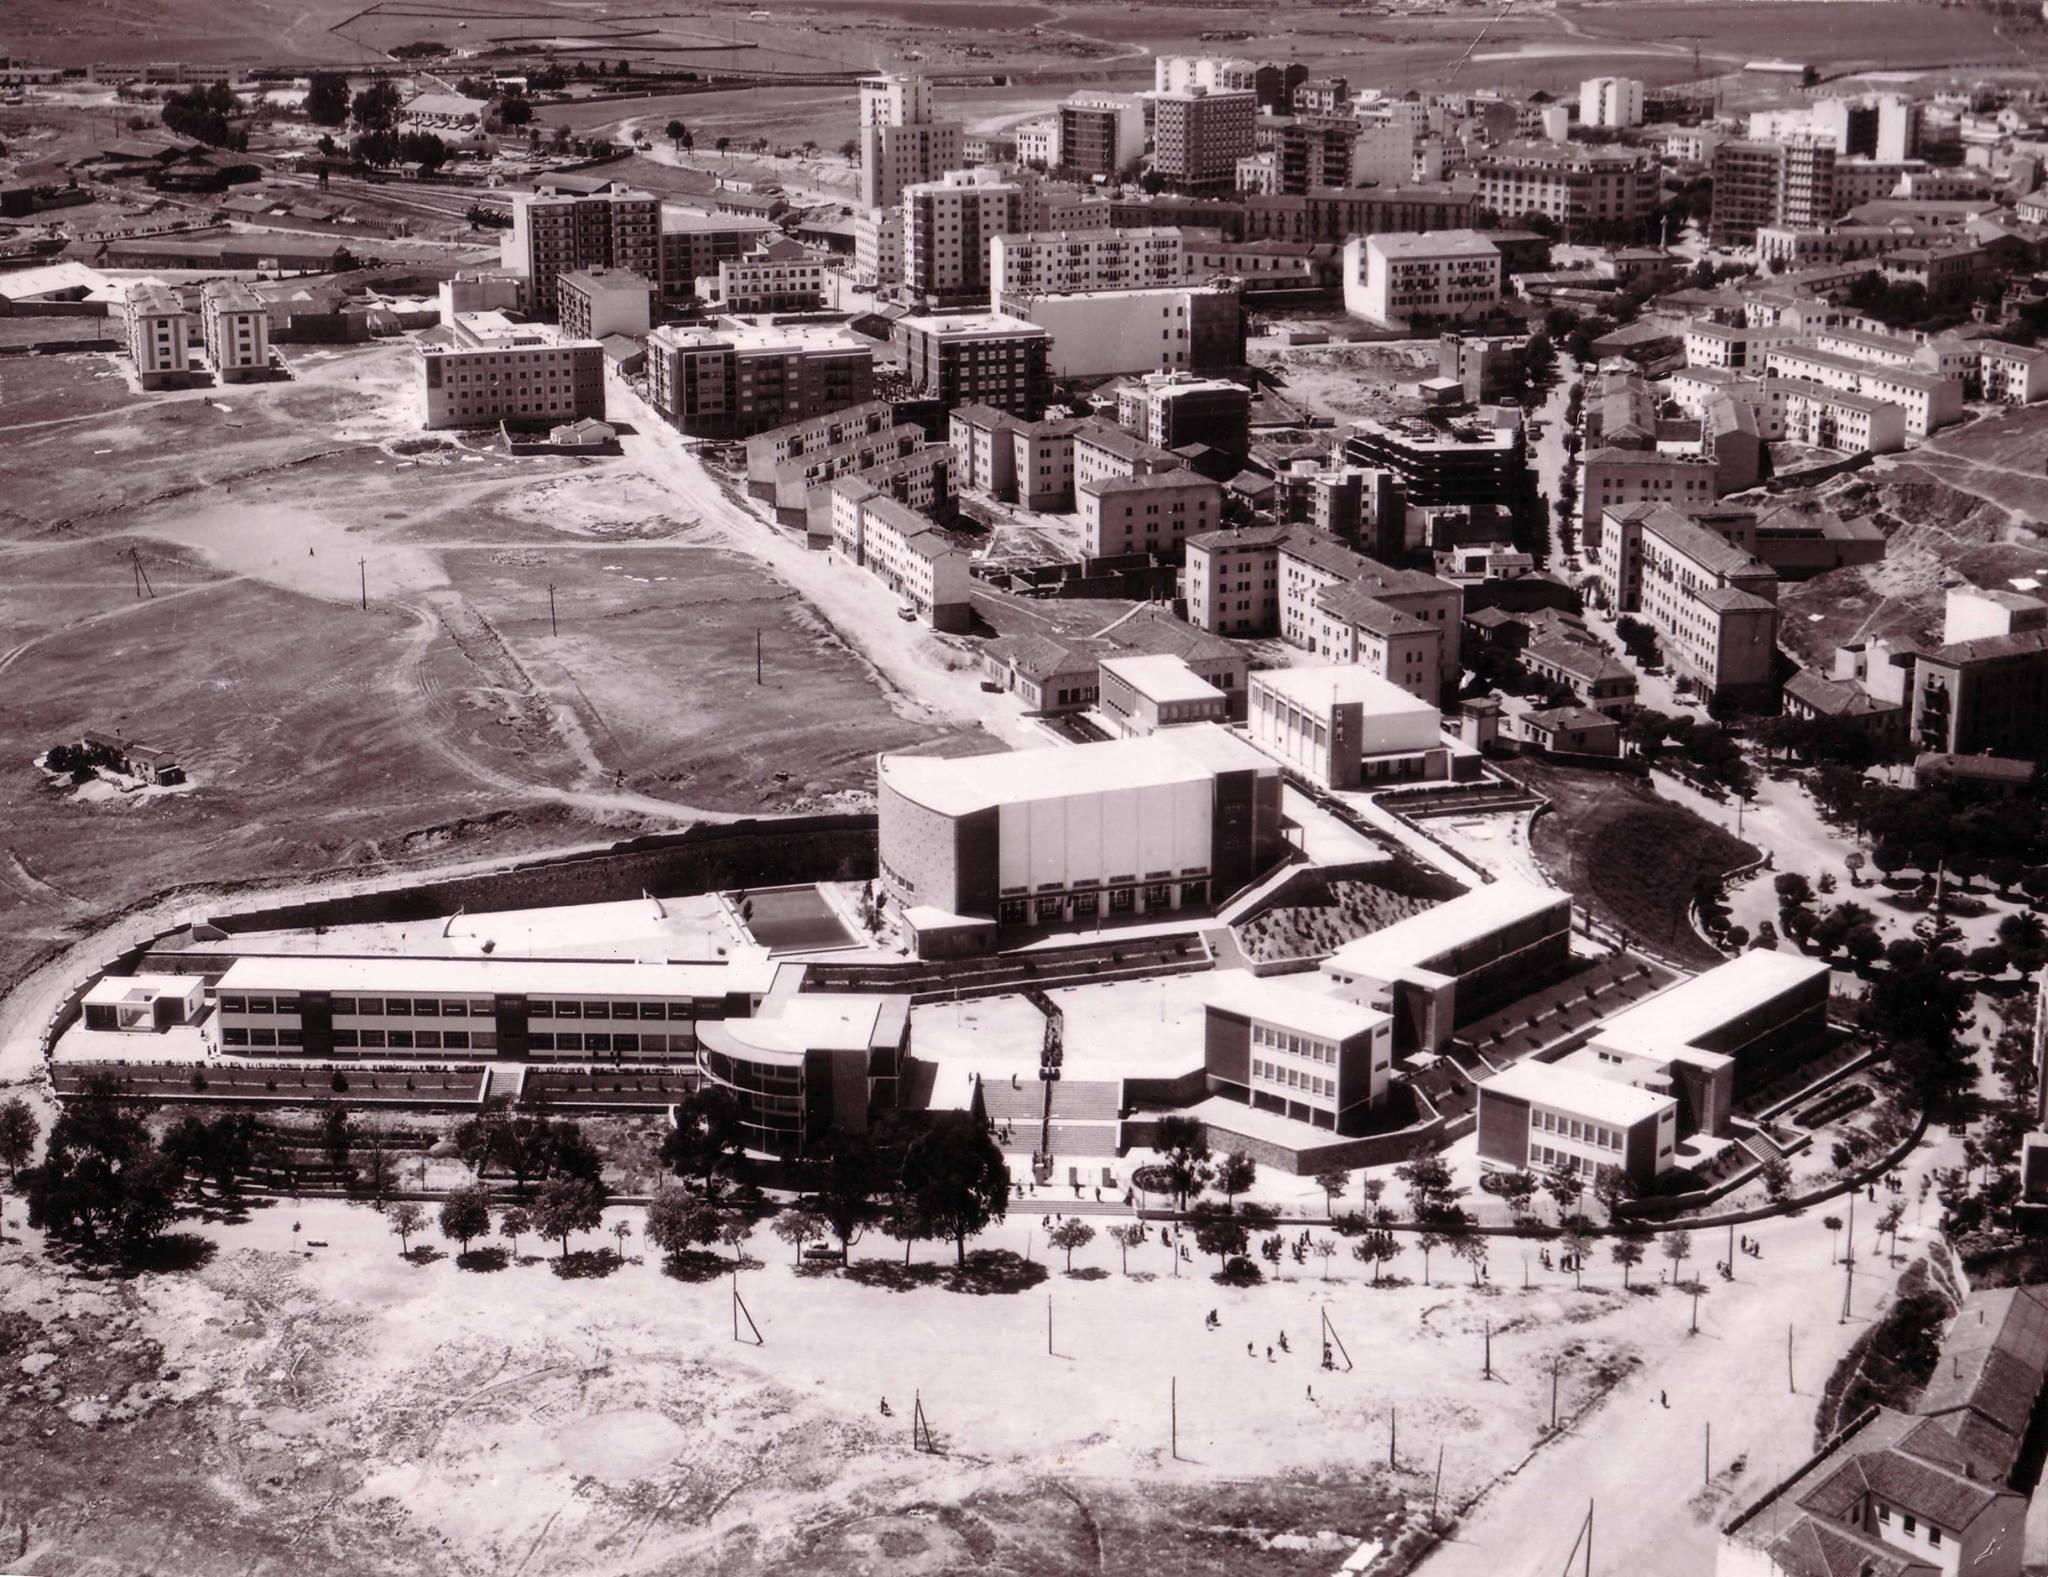 Nuevo Instituto El Brocense y Colón. Puede ser finales de los 60